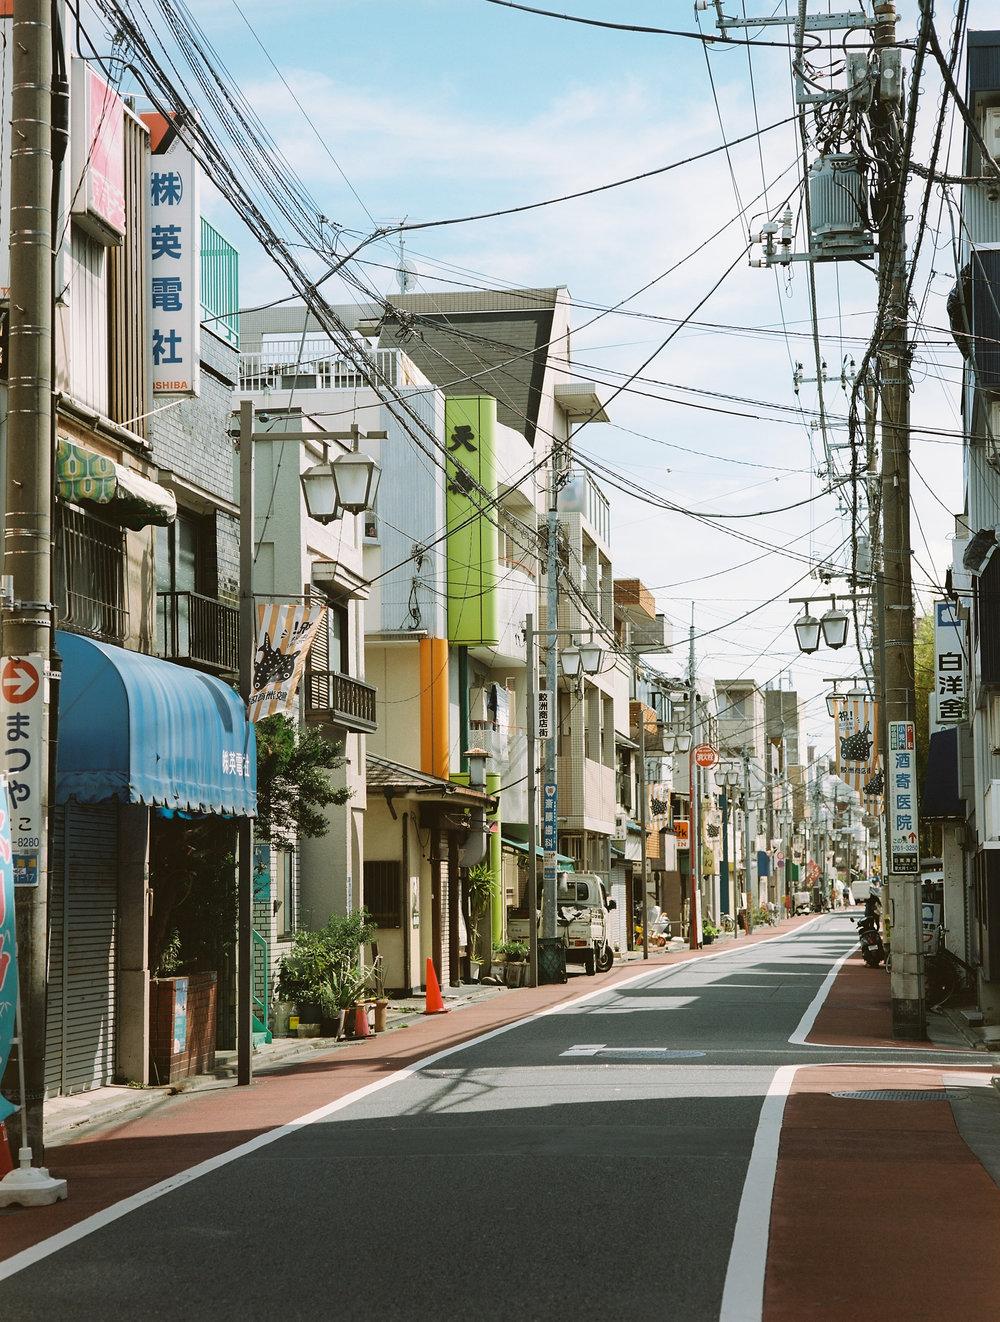 Gunma_Shinagawa_Portra 160_0 6_.jpg